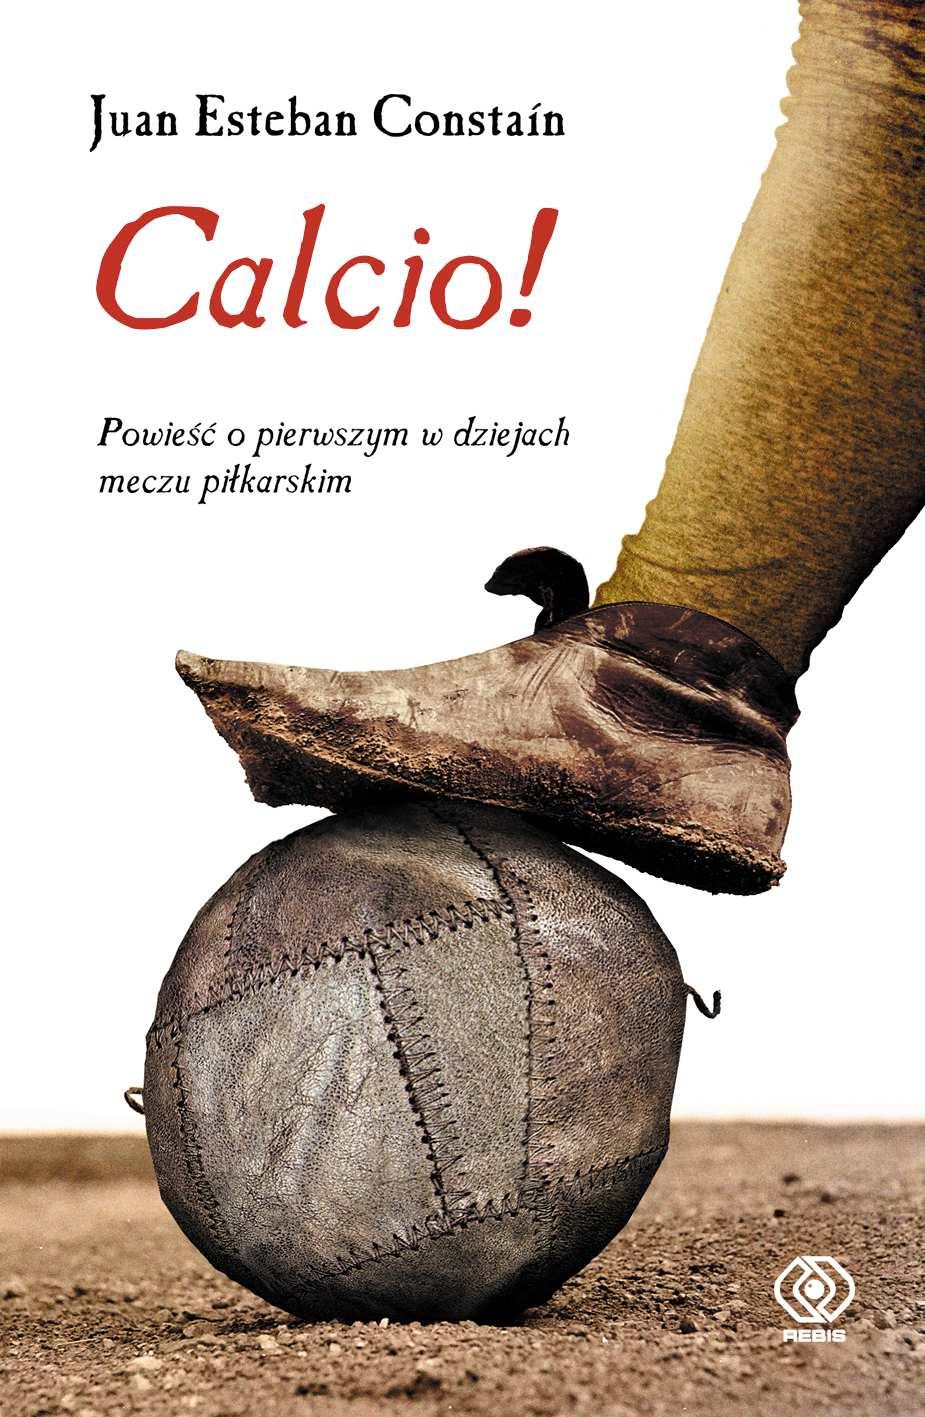 Calcio! - Ebook (Książka na Kindle) do pobrania w formacie MOBI